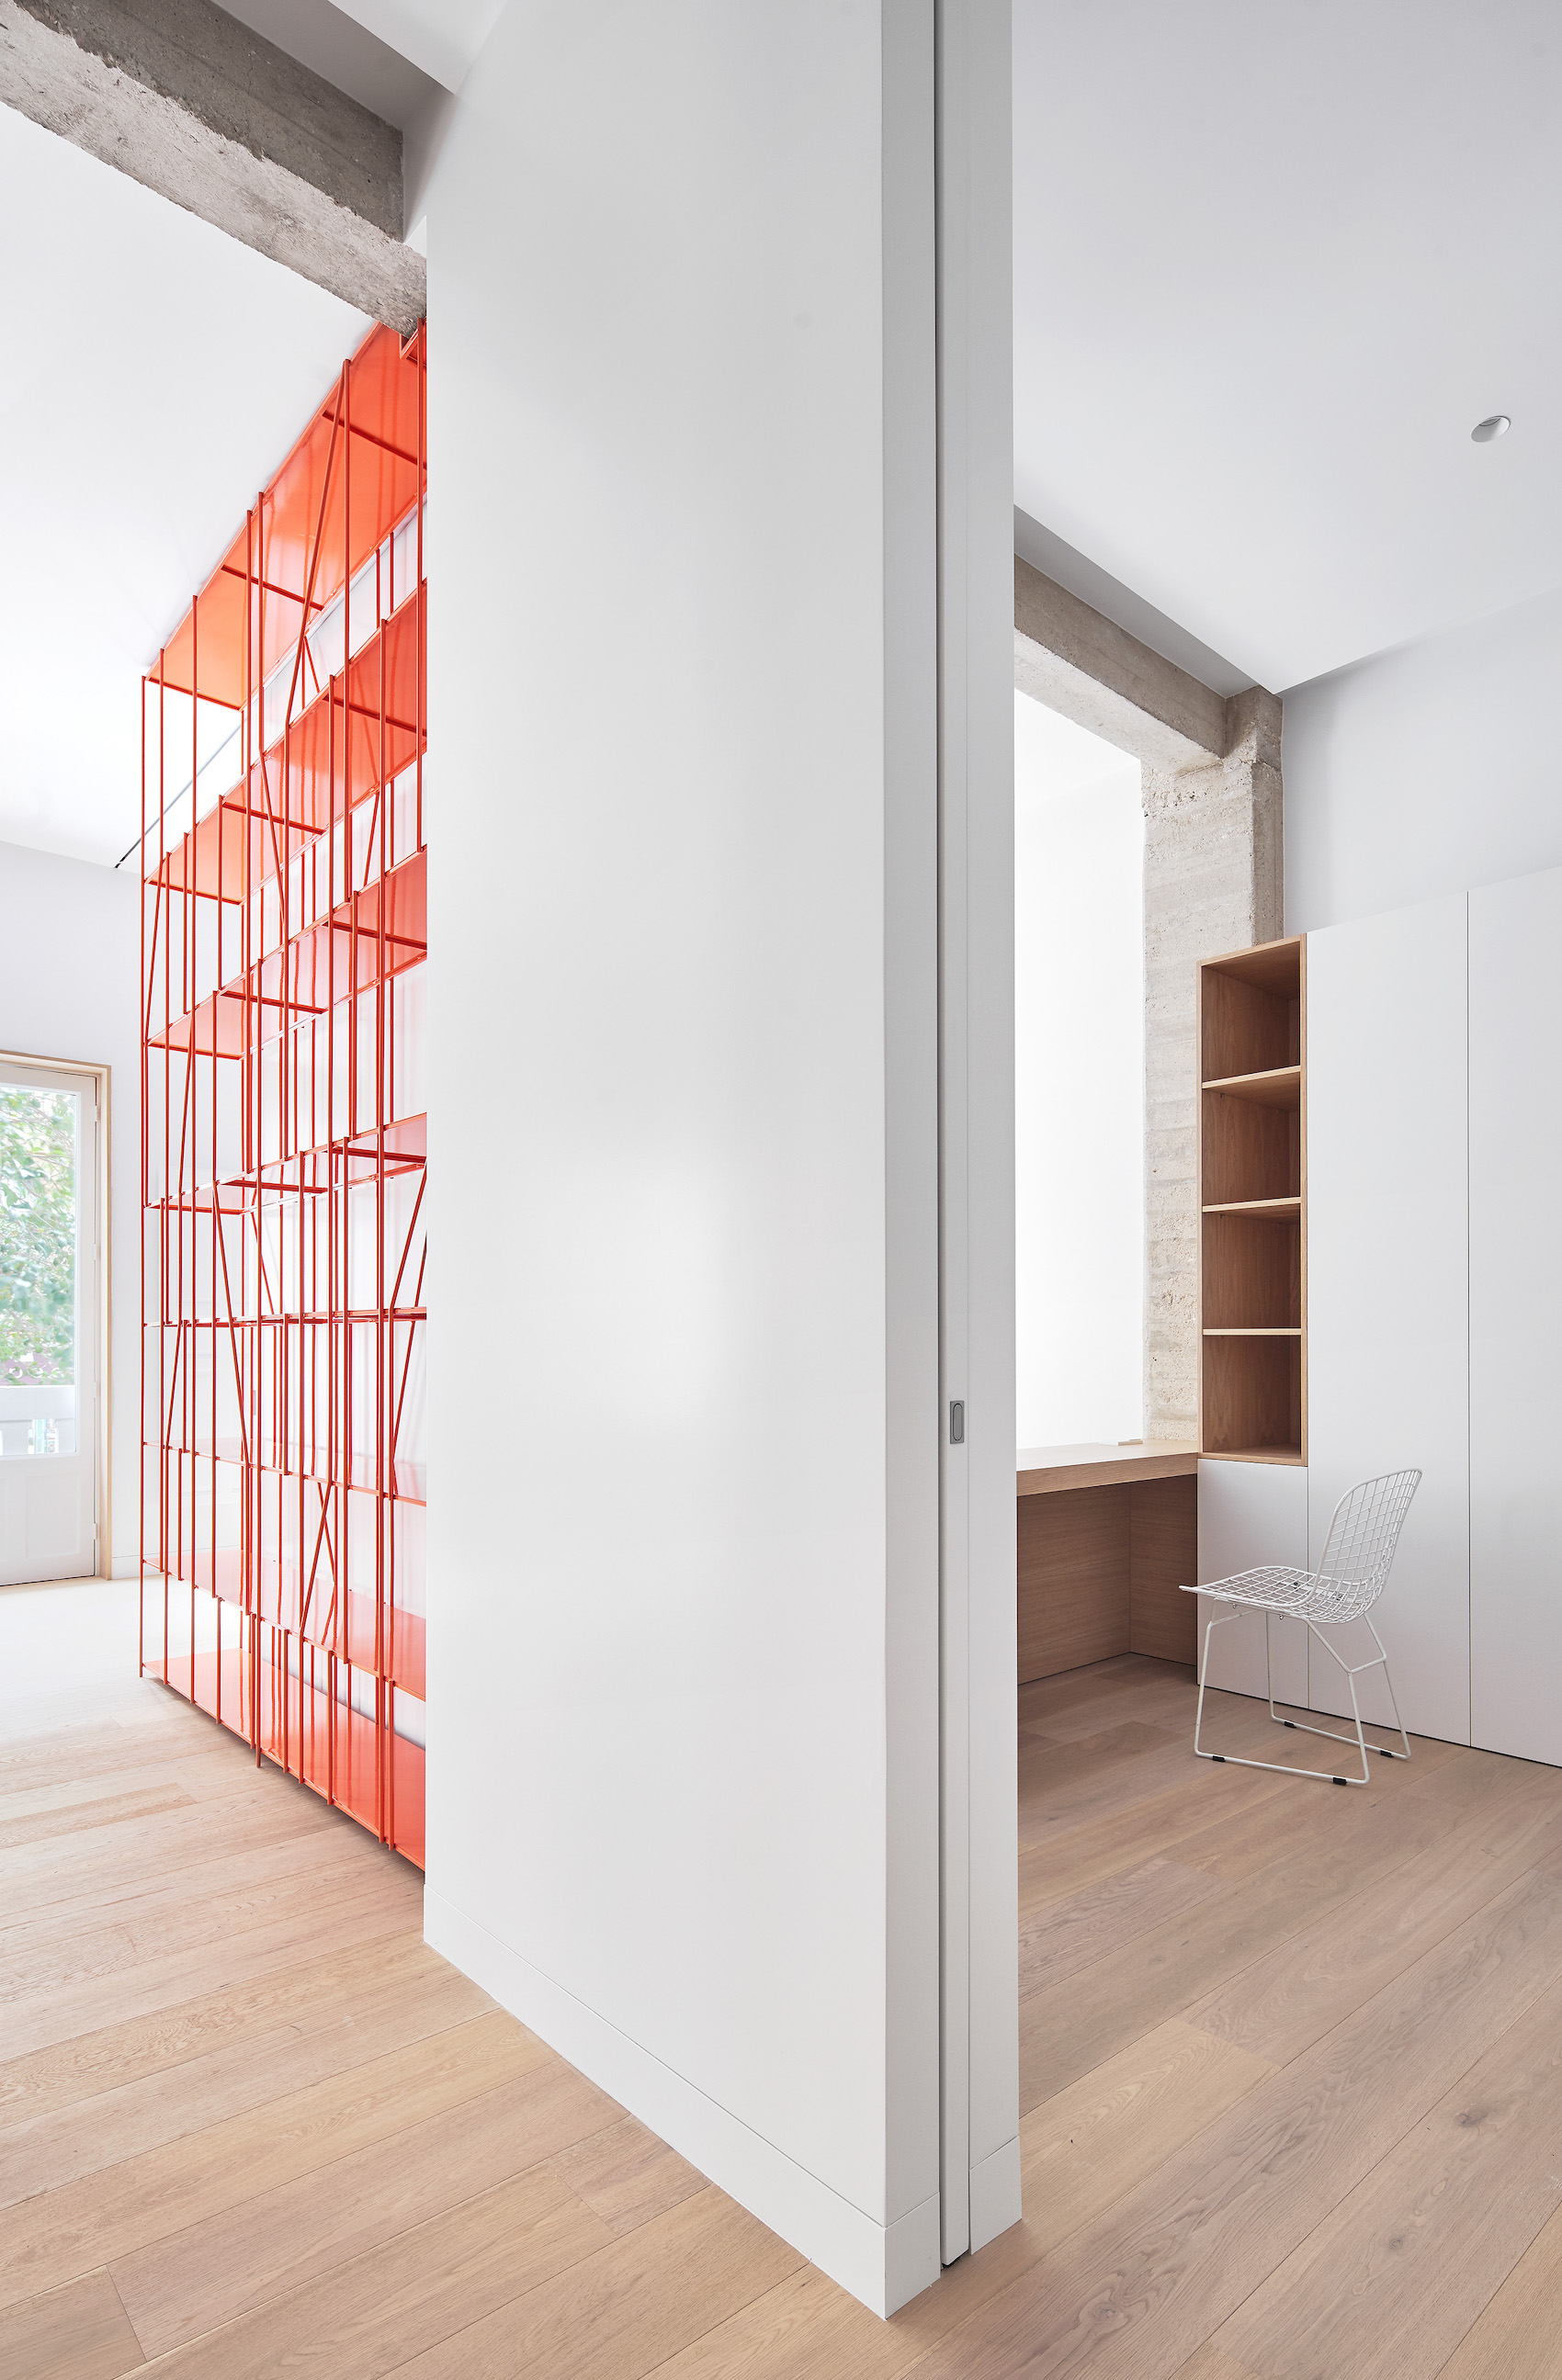 Casa P82 in Madrid, Spain by Lucas y Hernández-Gil